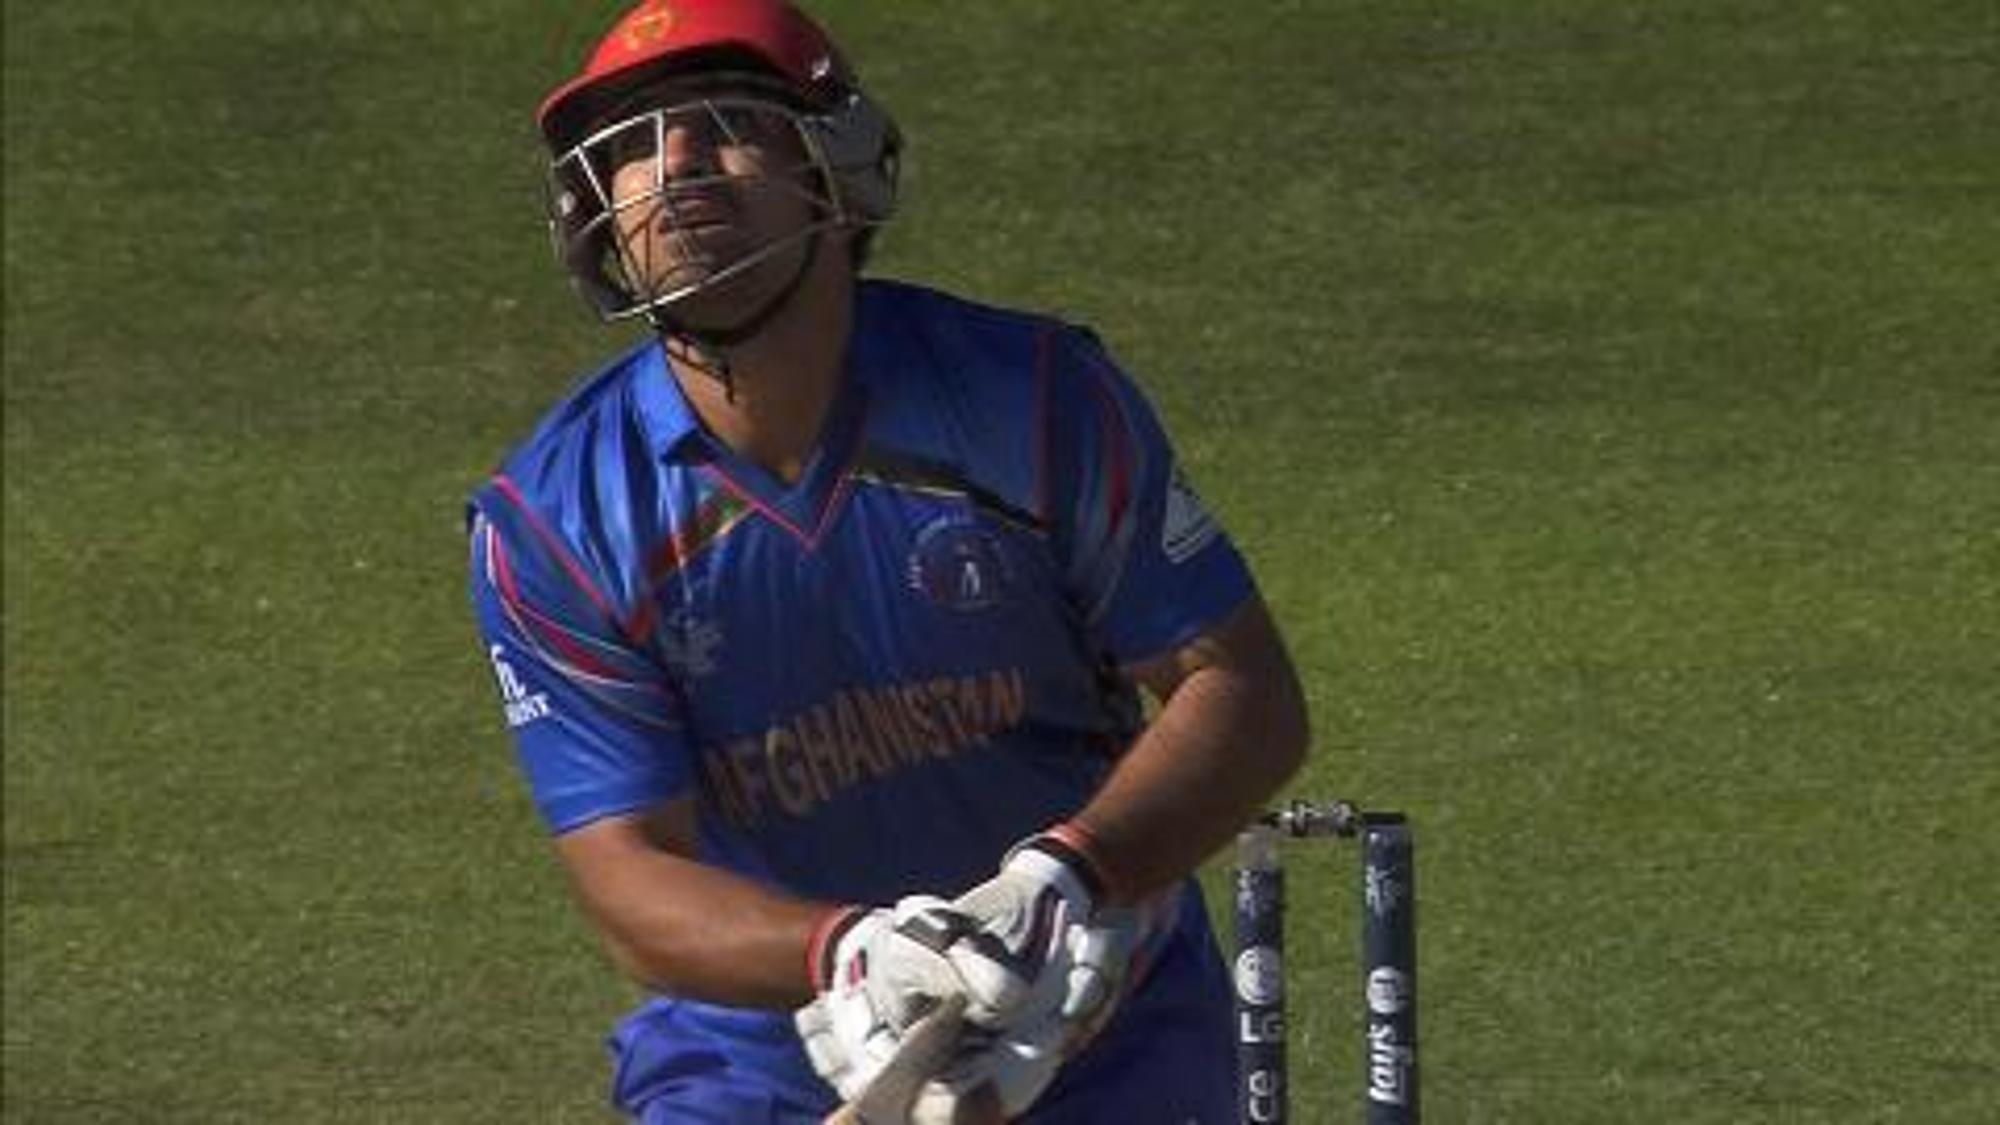 CWC15 SCO vs AFG - Afghanistan innings highlights